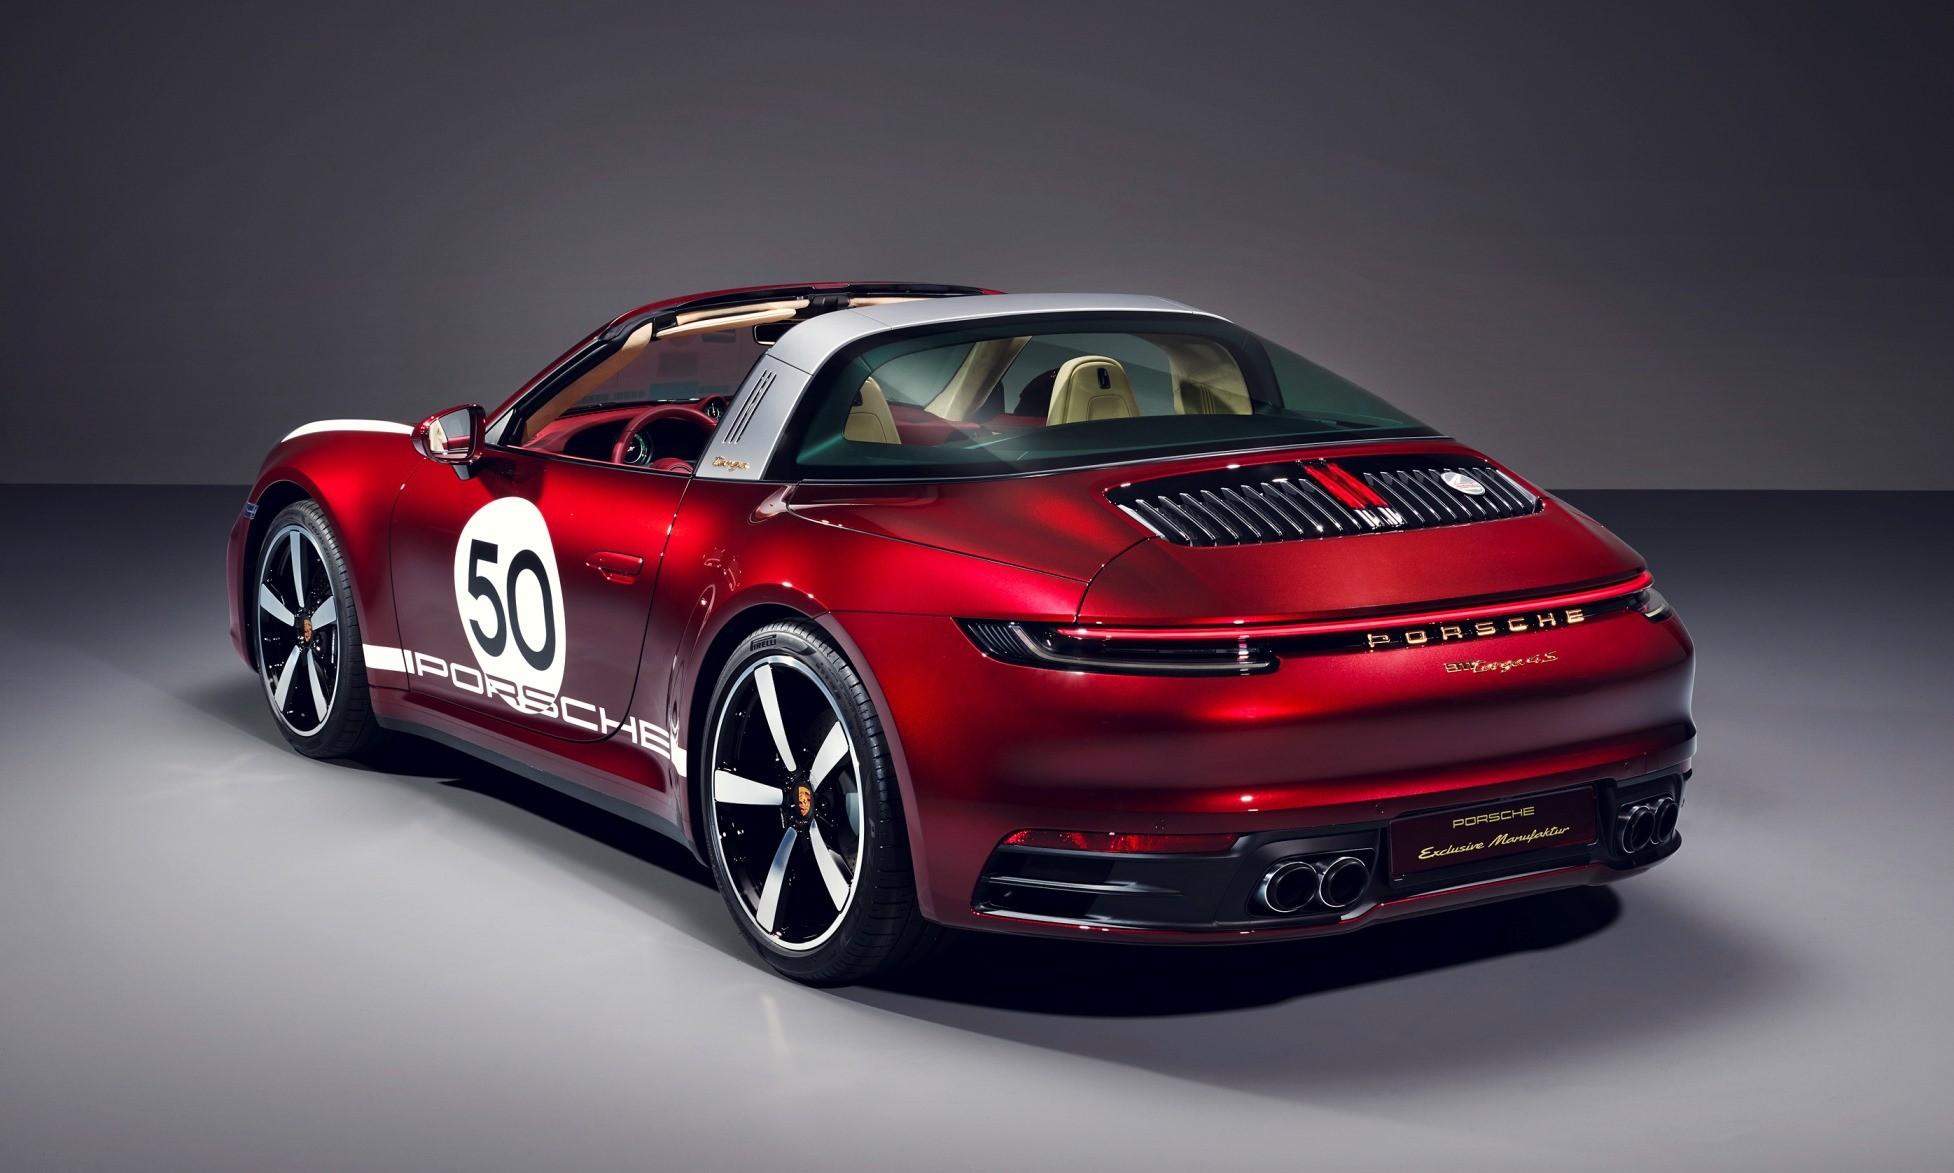 Porsche 911 Targa Heritage Design Edition rear